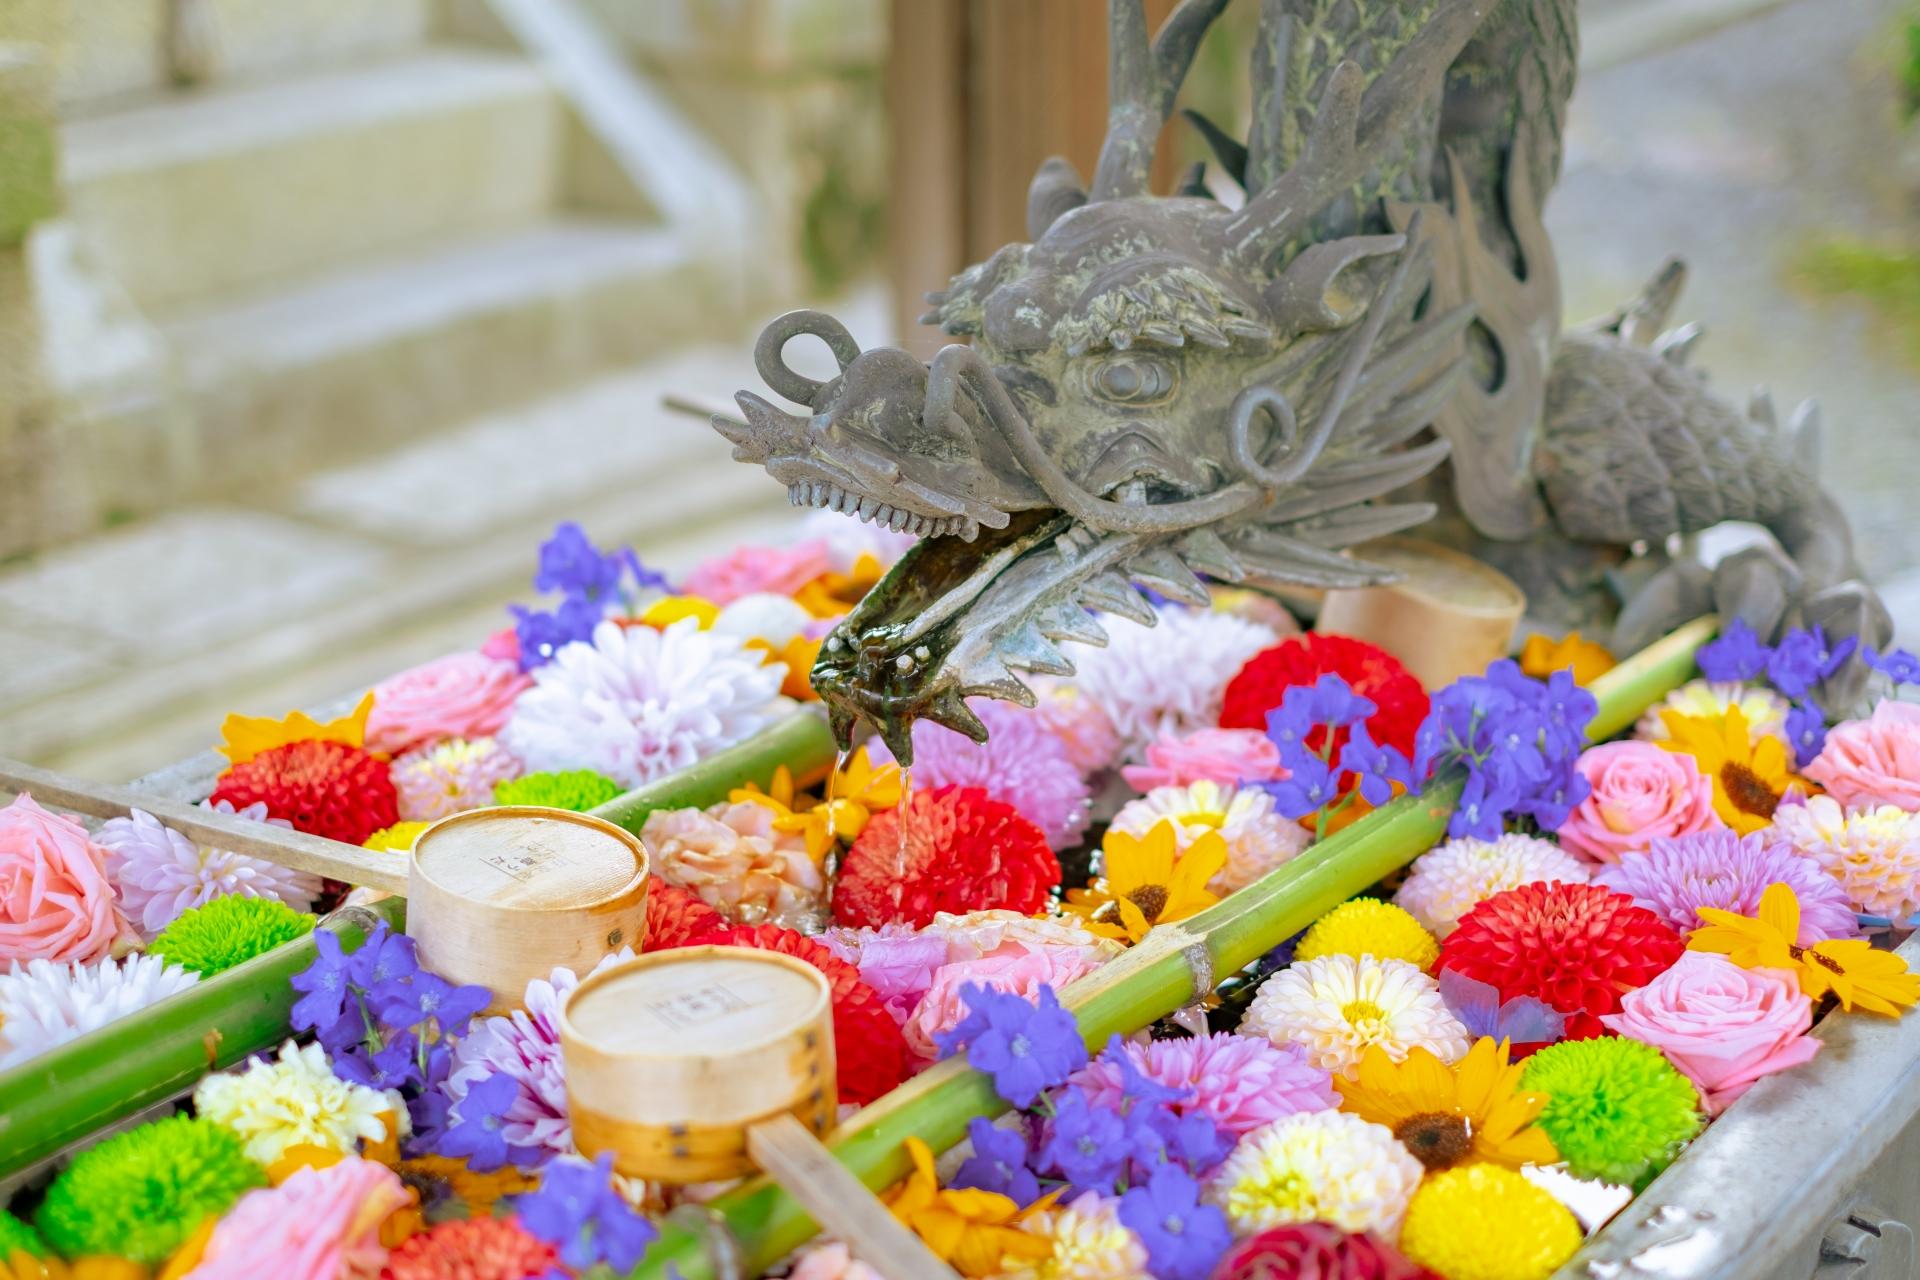 4218265_m 京都府 楊谷寺(境内に5000株のあじさいが咲き誇る初夏におすすめのスポット!写真の紹介、アクセス情報など)